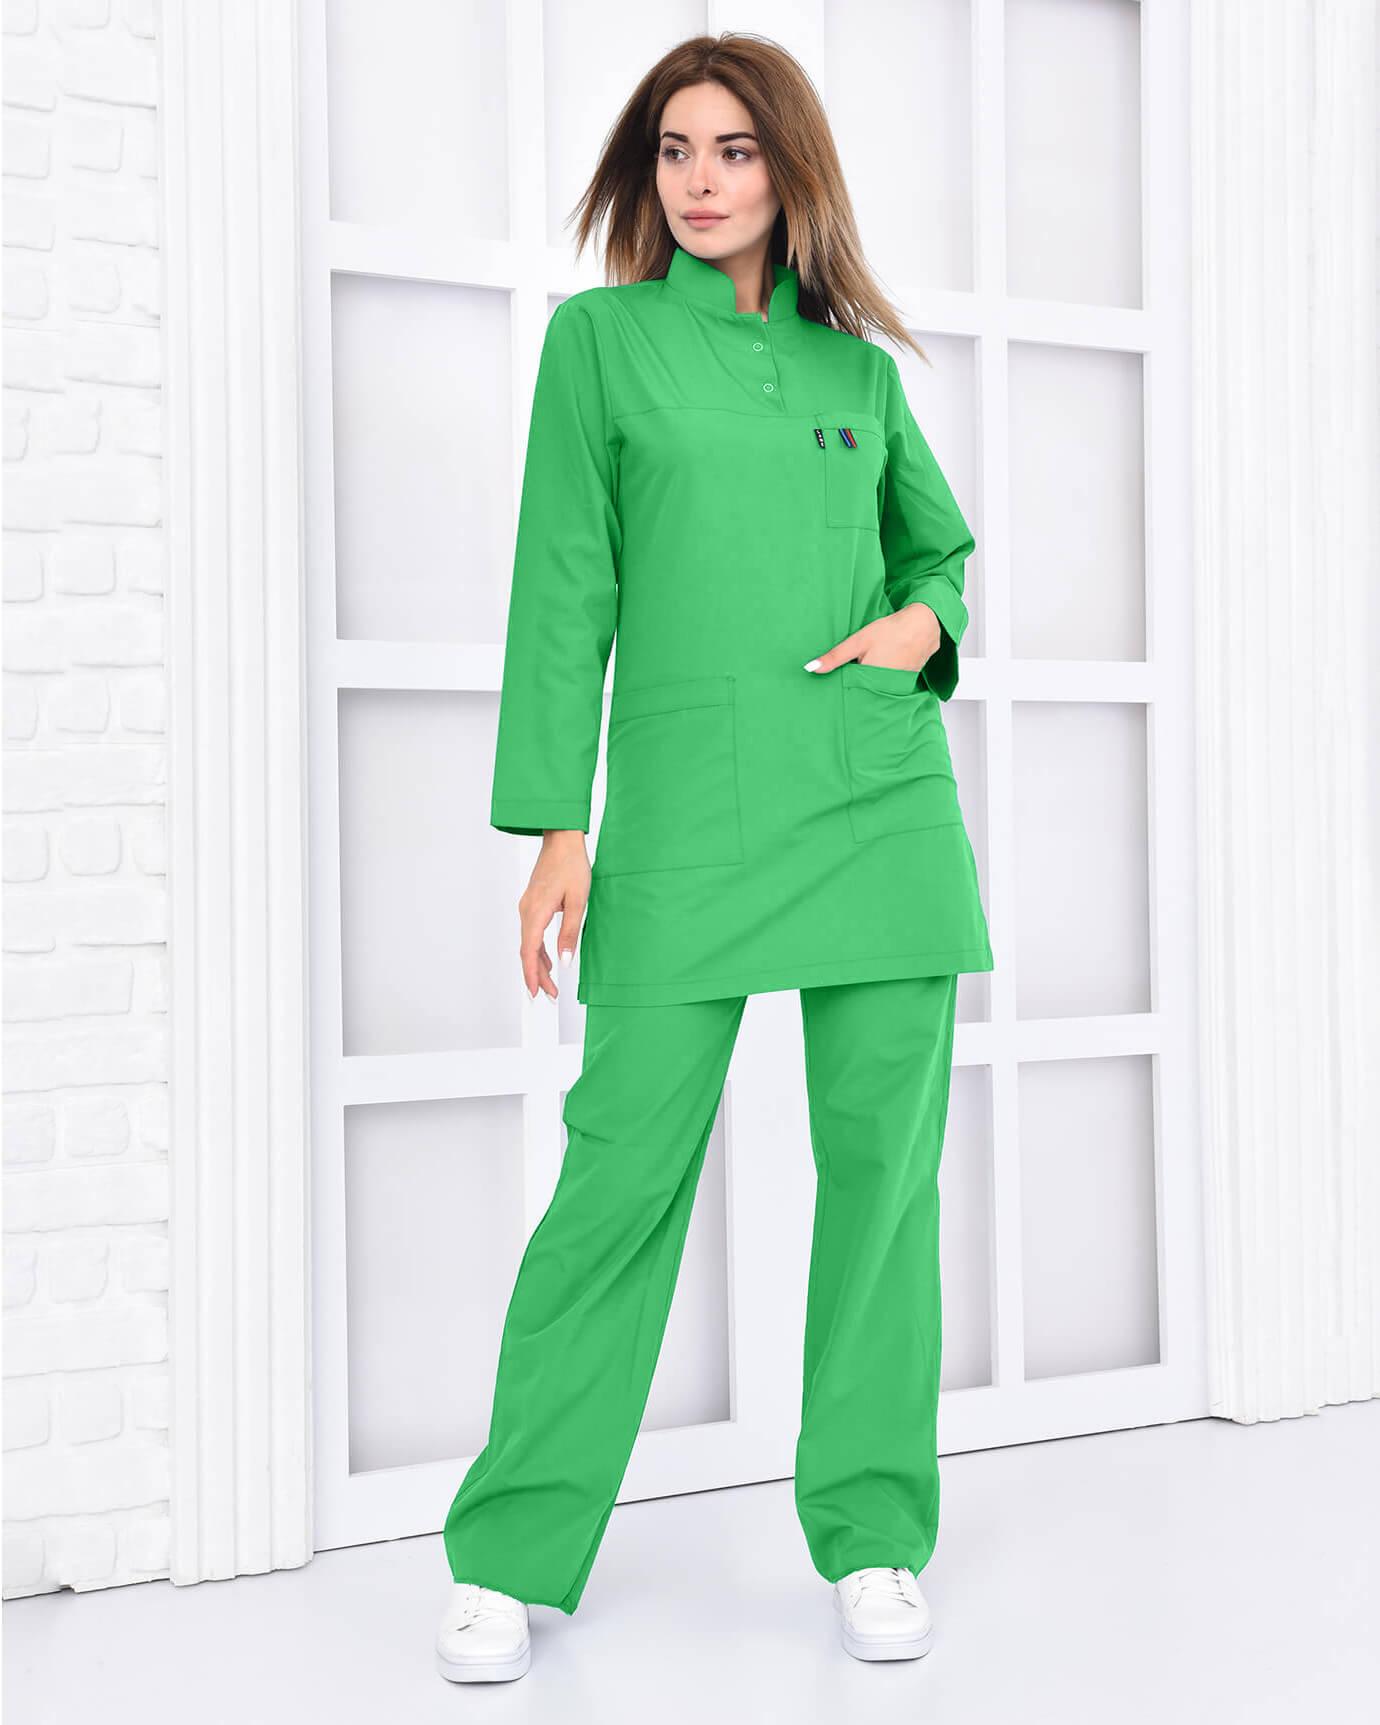 Tesettür Benetton Yeşili Takım %100 Pamuk Likralı